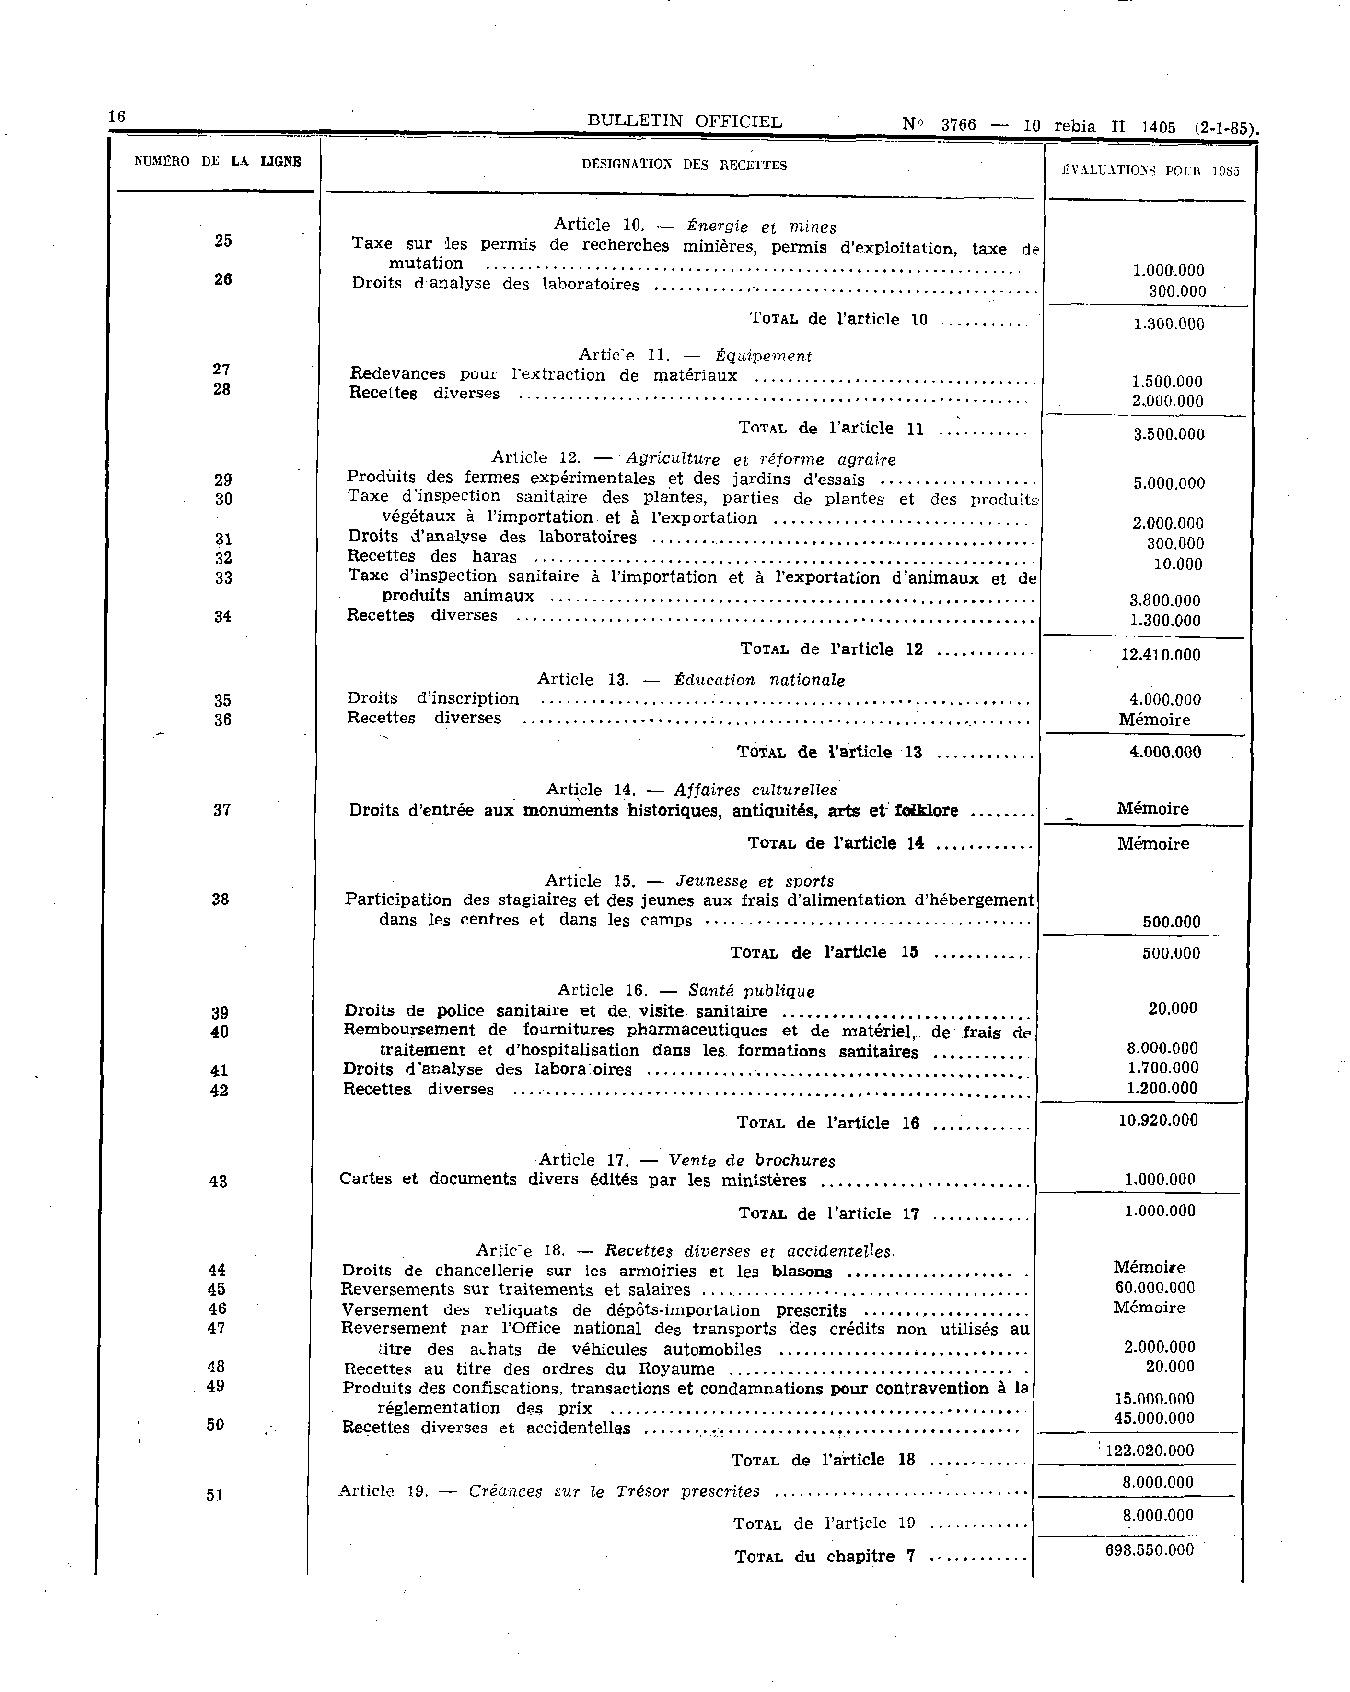 les-prix-maxima-des-acte-et-service-medicaux-dans-le-secteur-prive-016